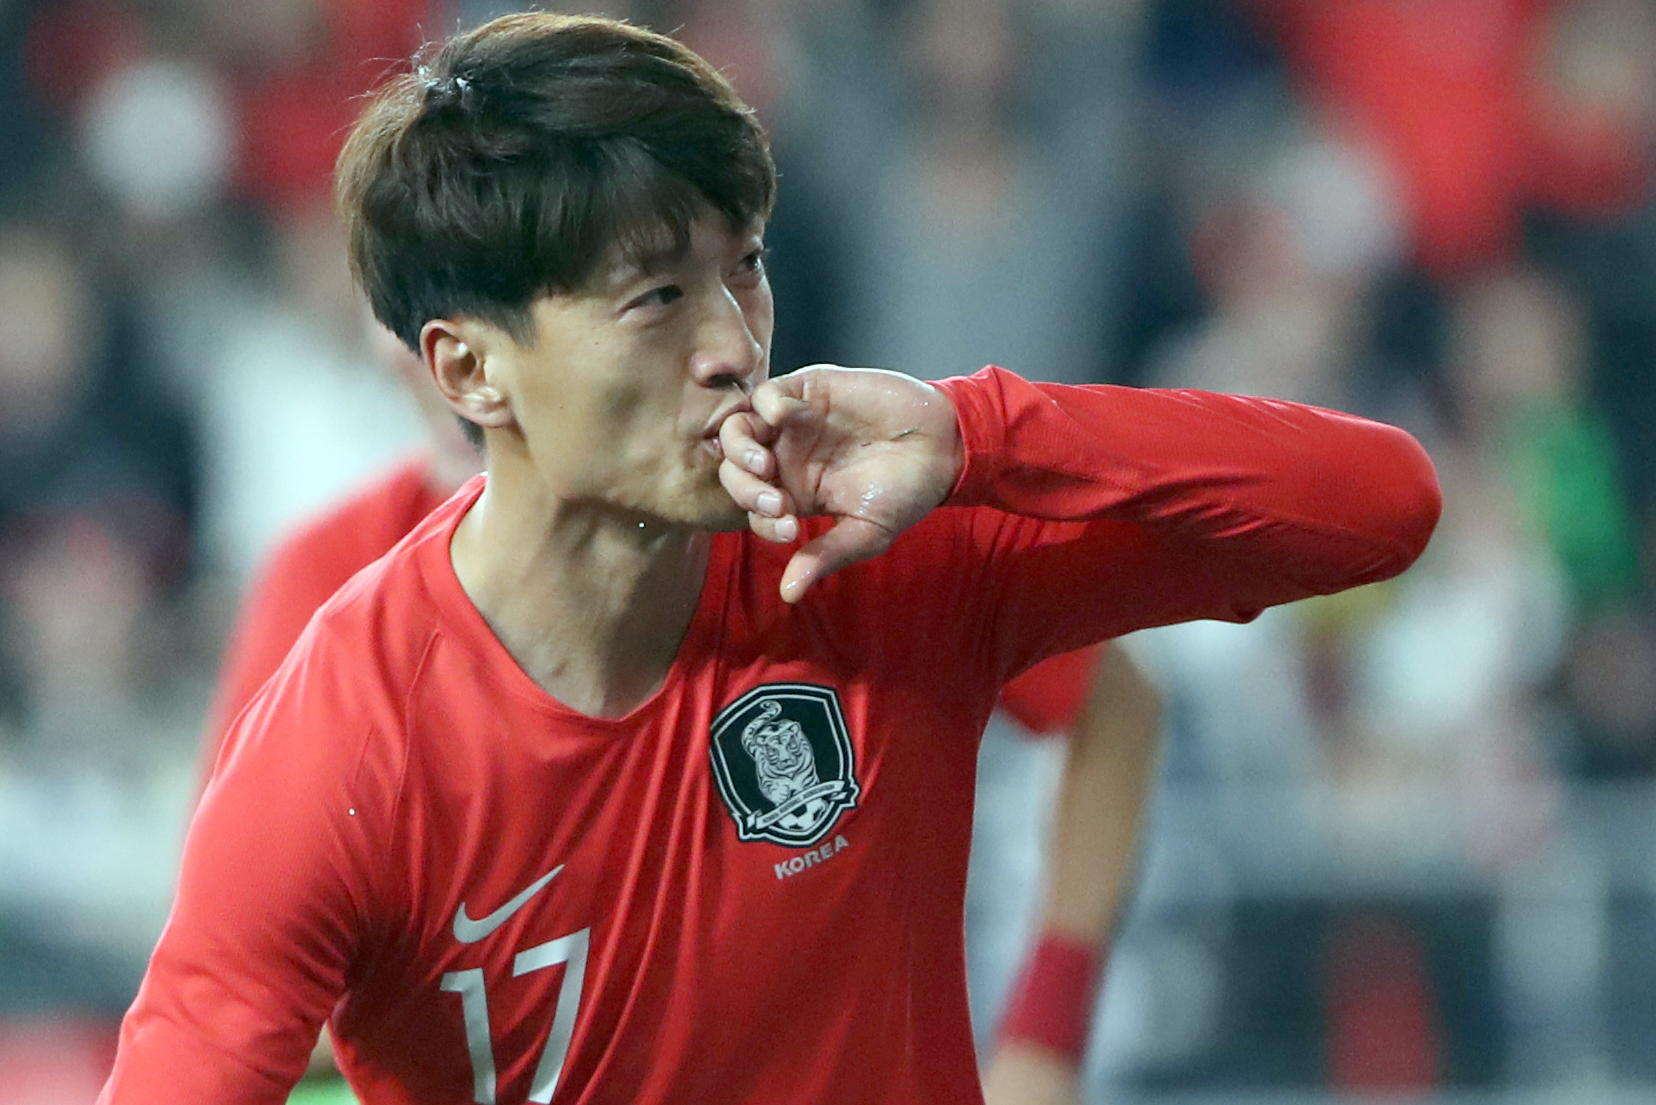 22일 울산 문수경기장에서 열린 대한민국과 볼리비아의 축구 평가전에서 이청용이 골을 넣고 세리머니를 하고 있다. [연합뉴스]